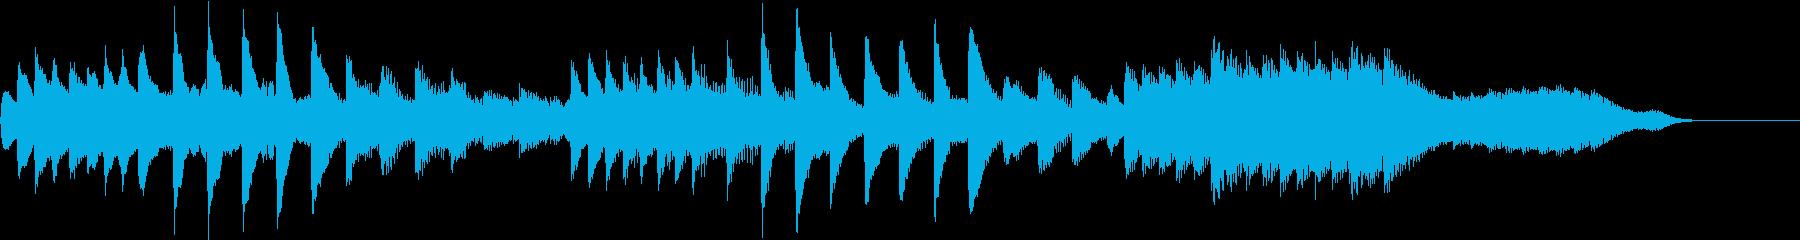 ひぐらしのリズムで涼しいピアノジングルの再生済みの波形